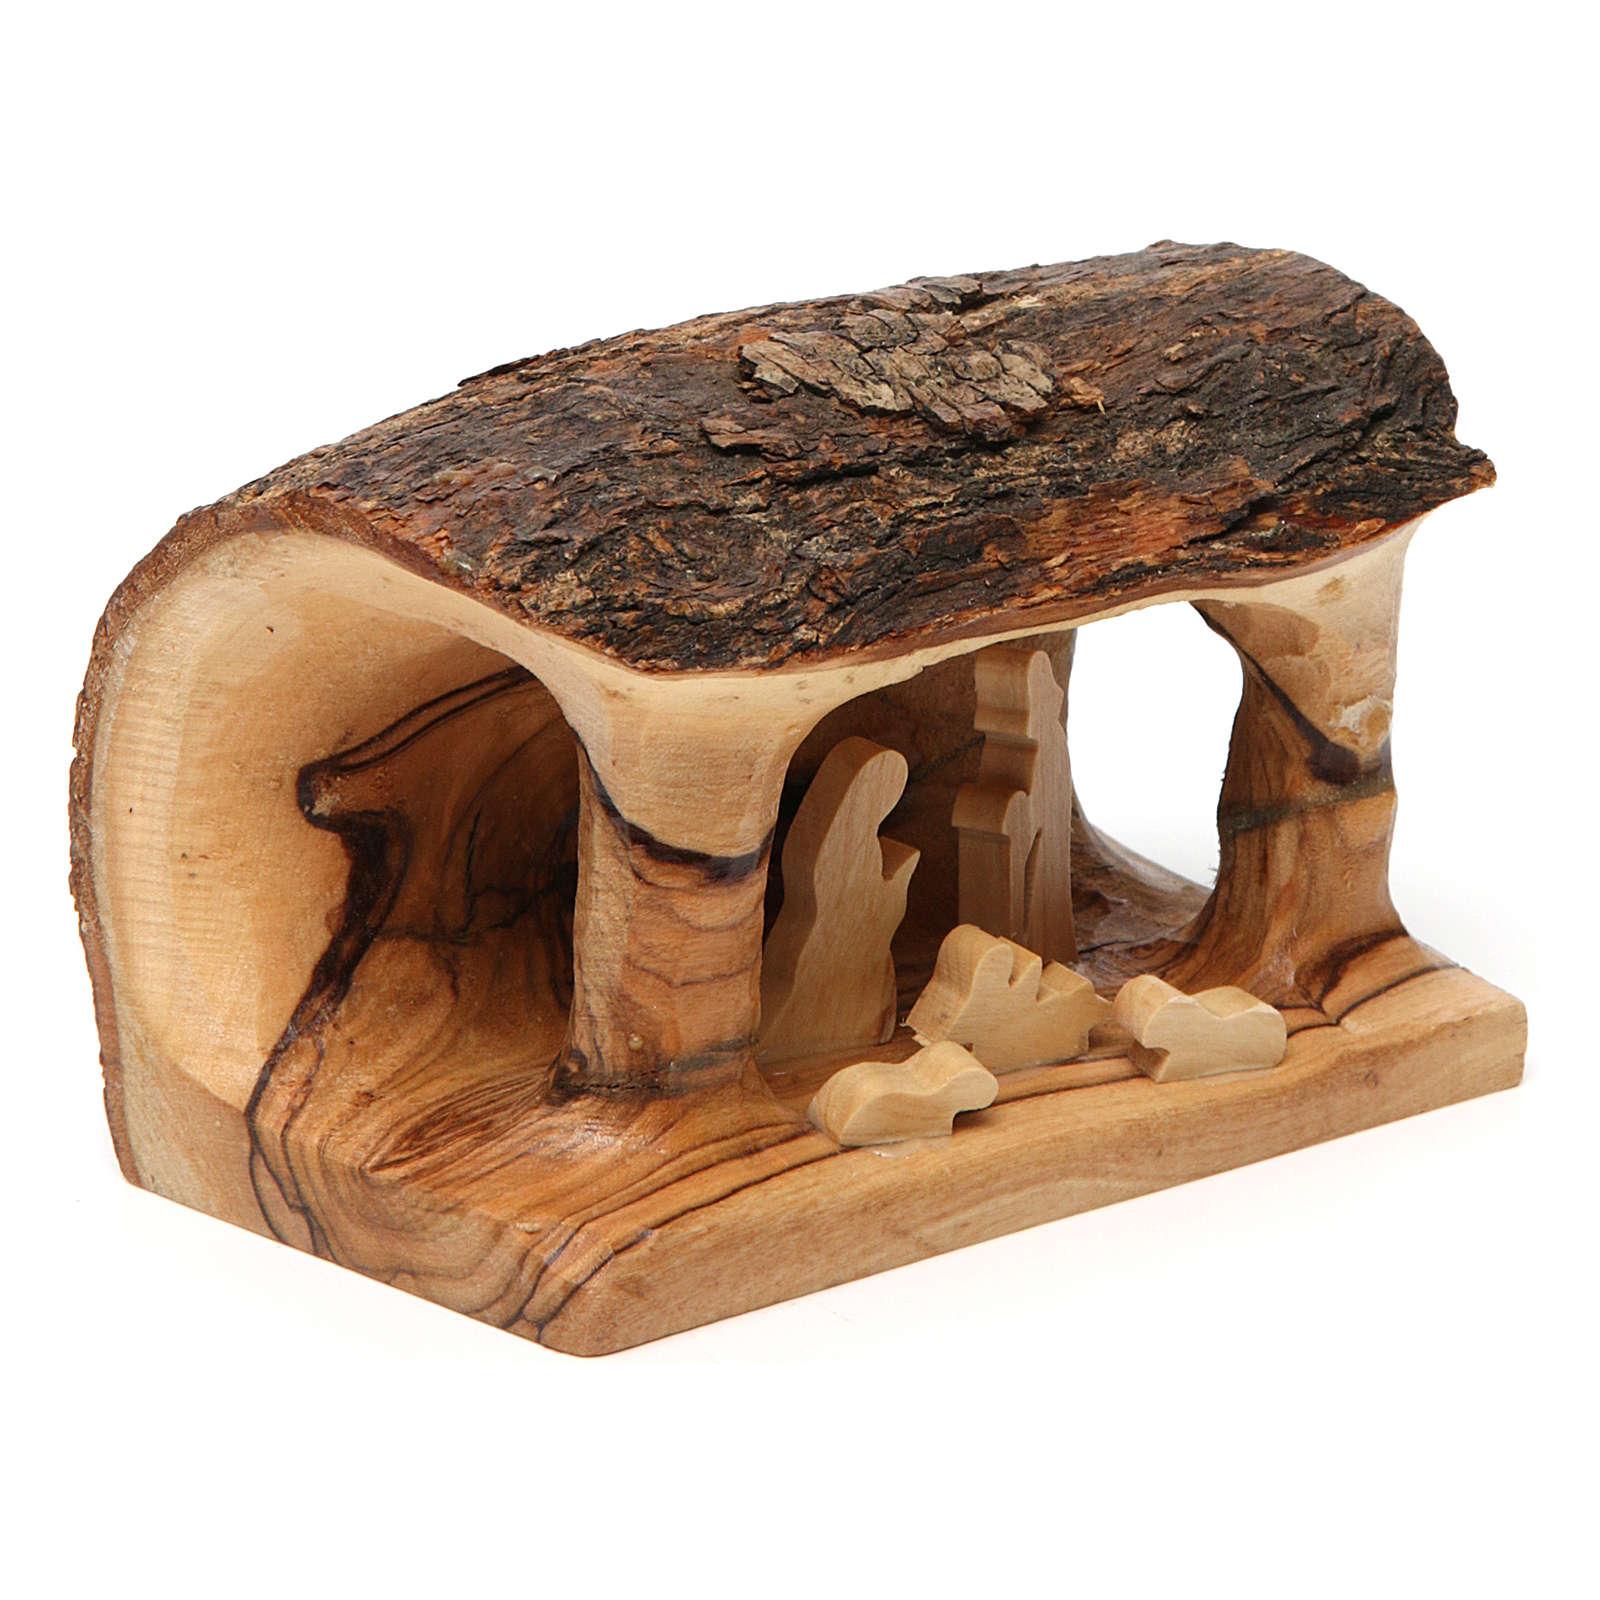 Olive wood Bethlehem nativity set 4